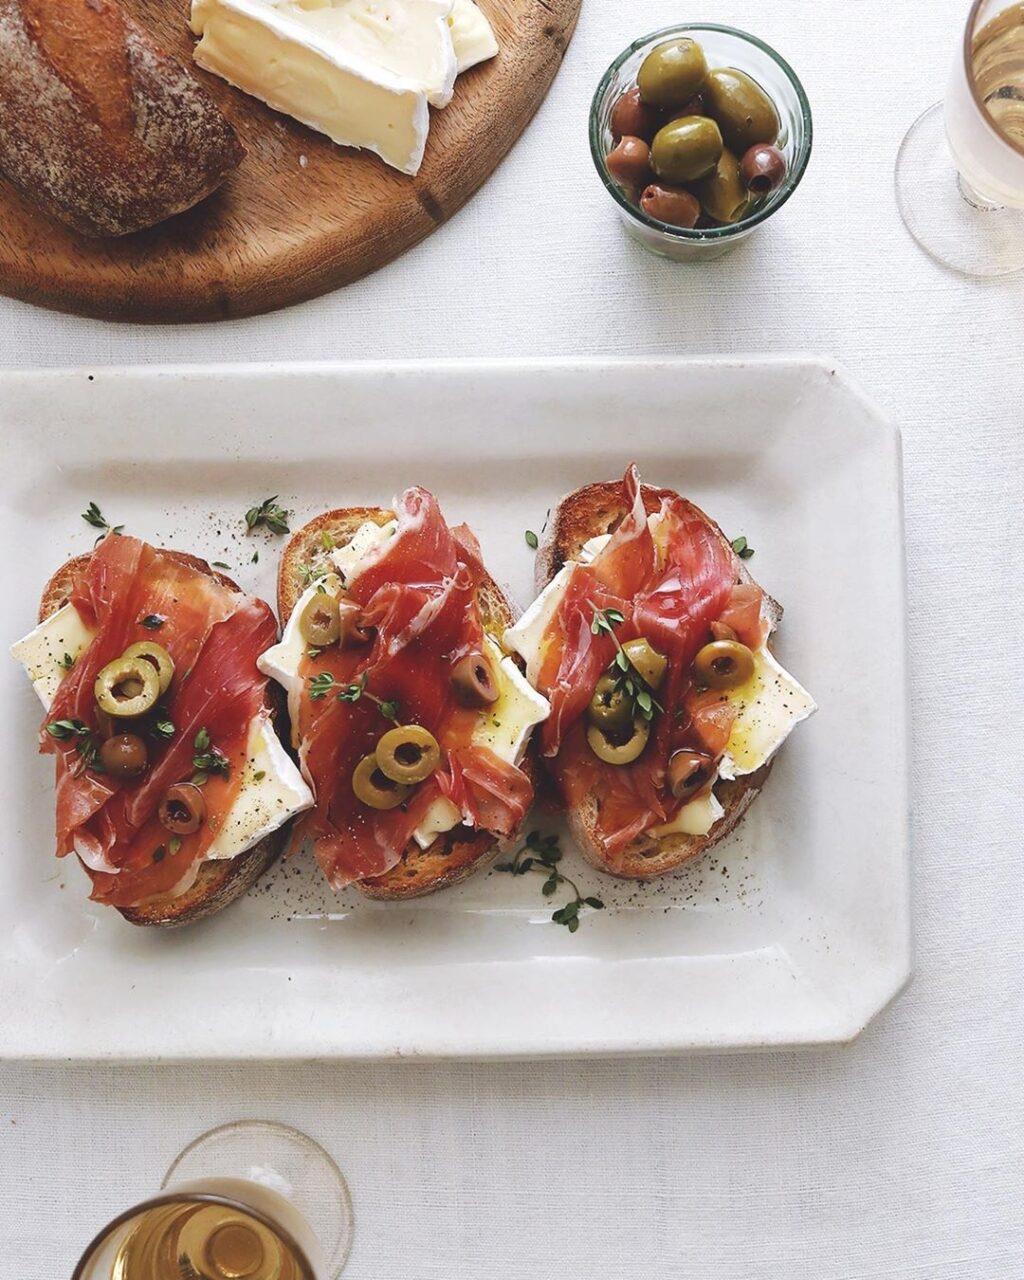 盛り付けるだけで簡単豪華!タルティーヌを食べたくなる4ジャンルのレシピ